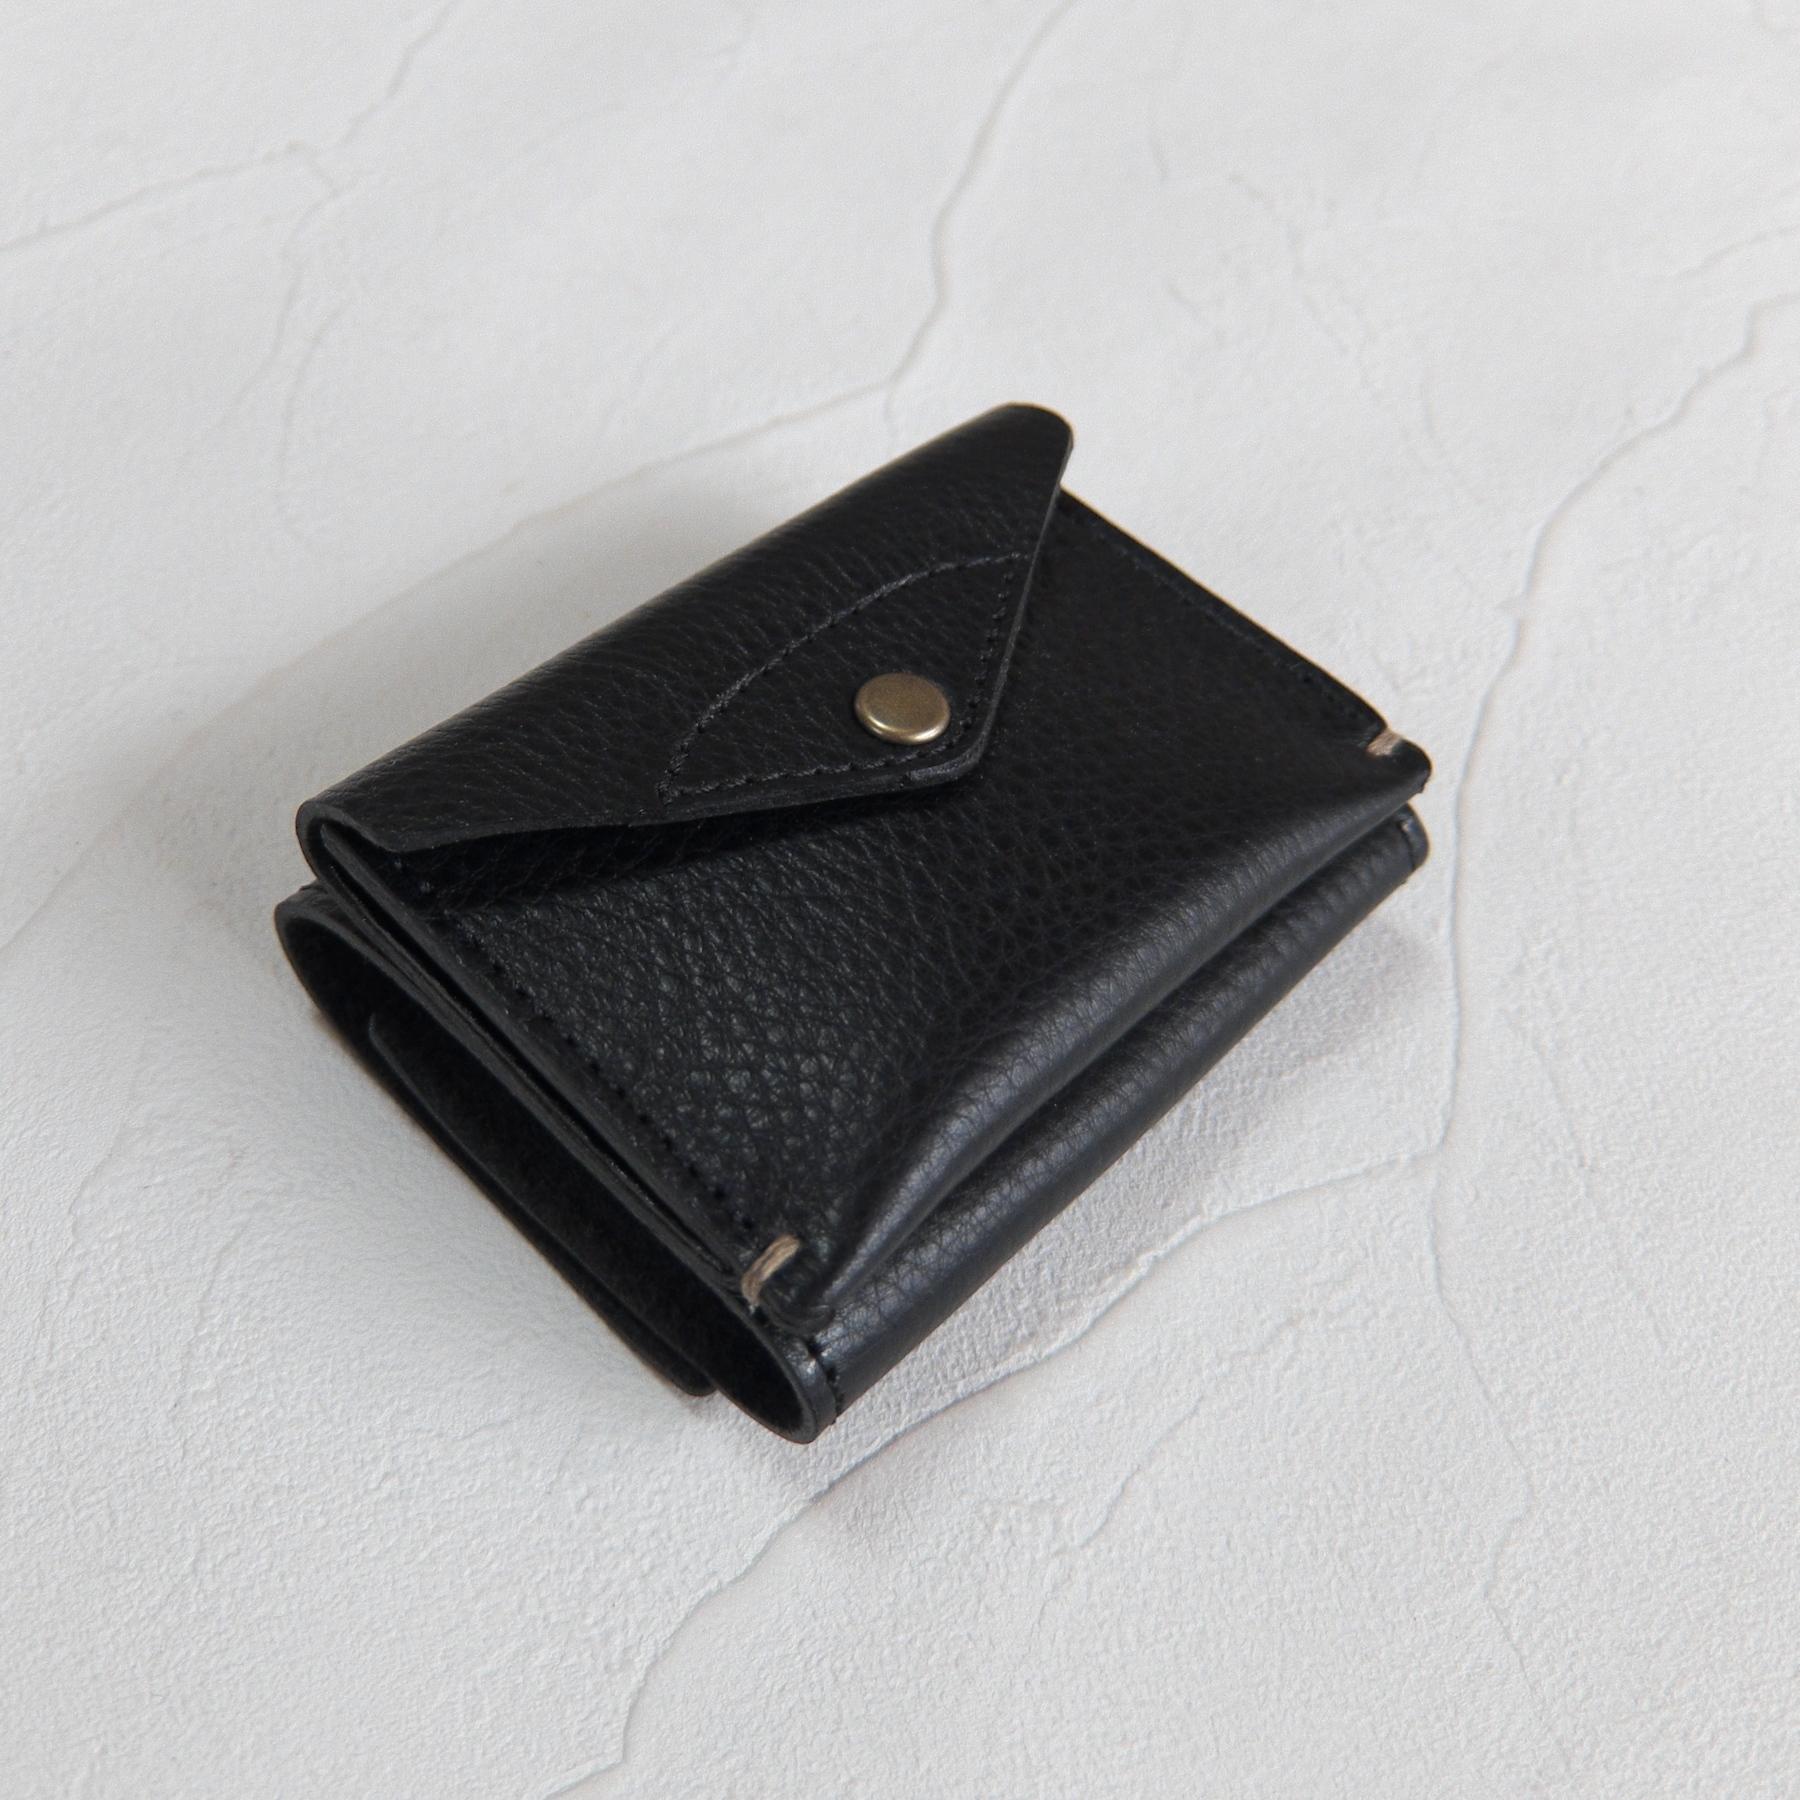 【受注生産】3つ折り財布 Black